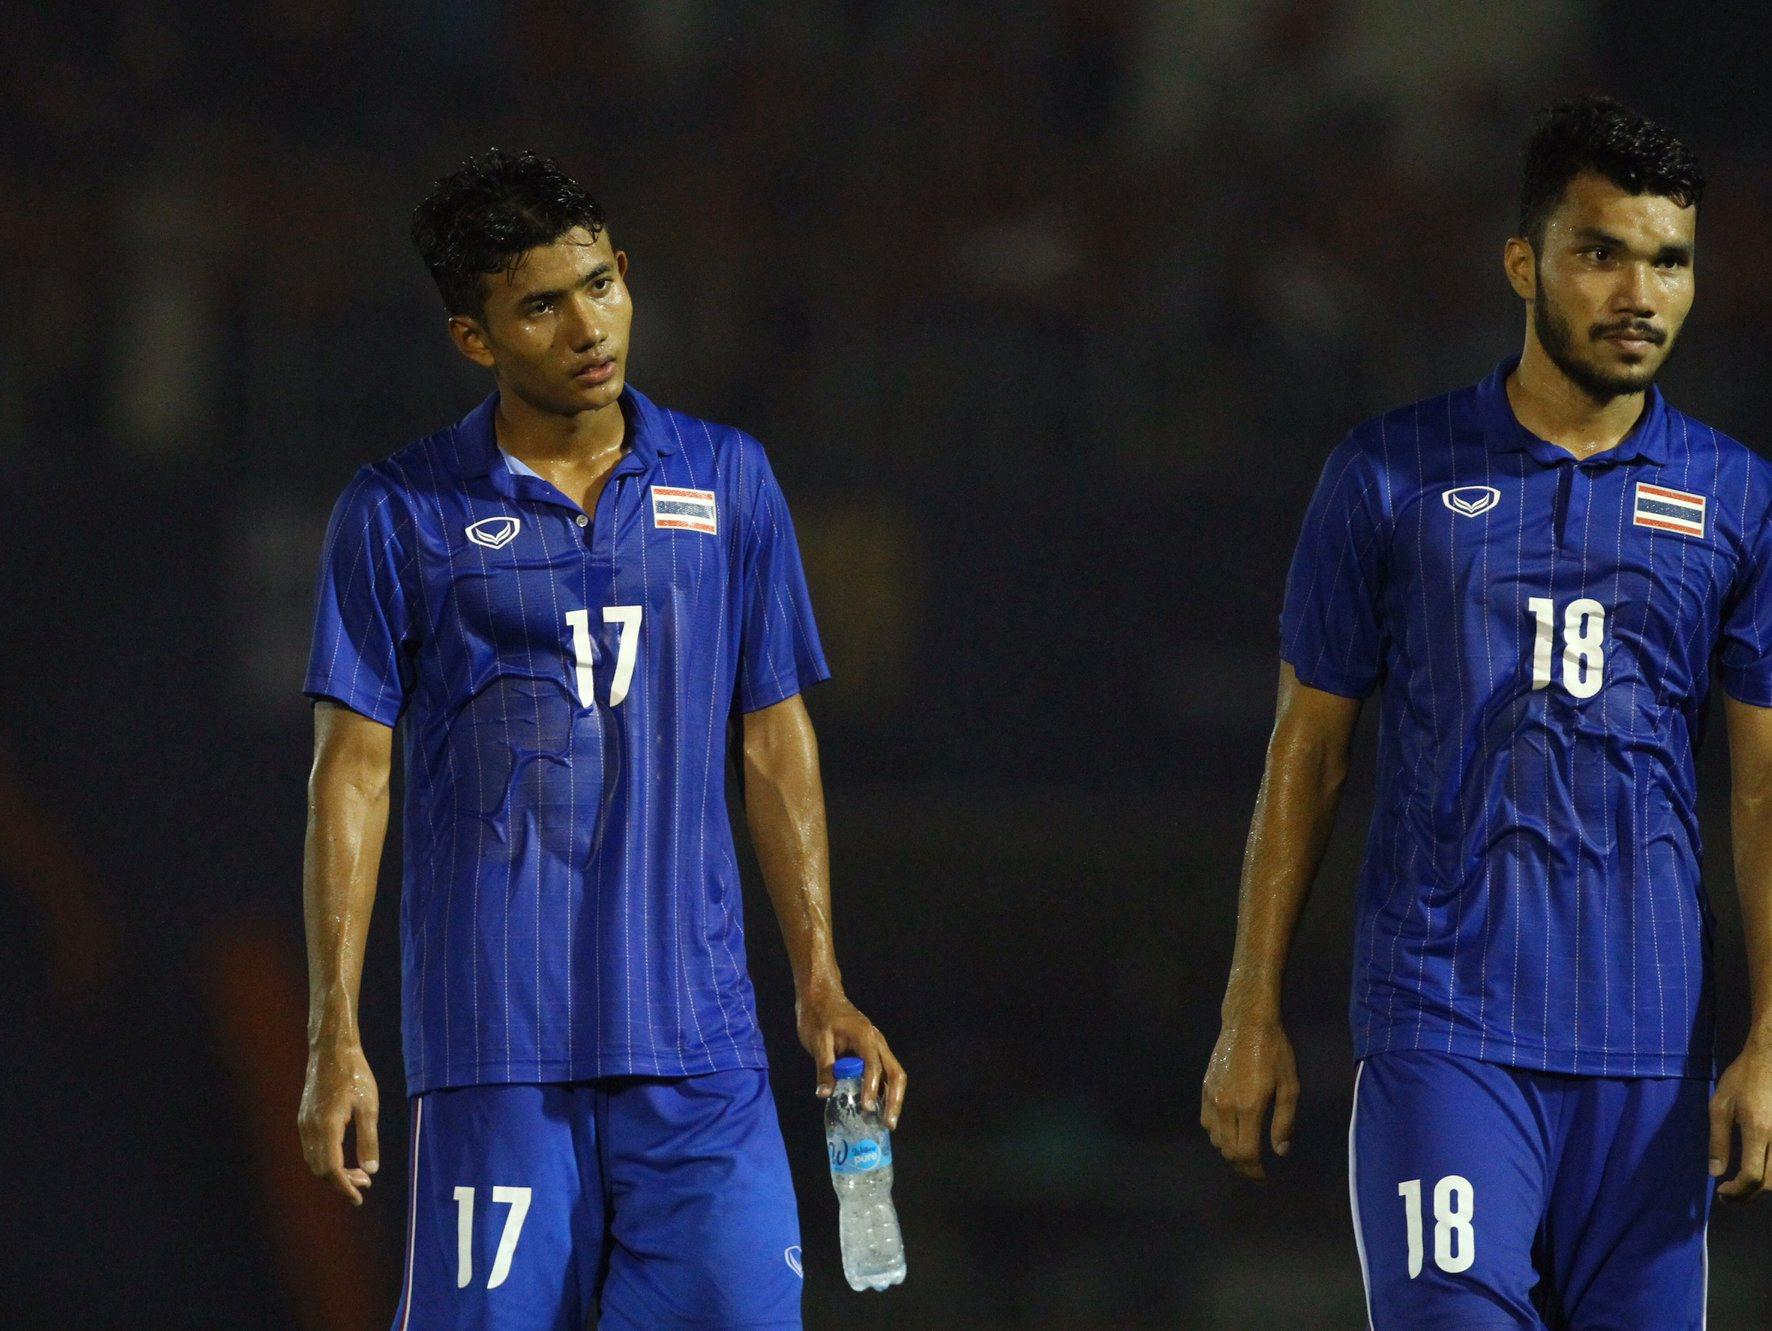 Bị Việt Nam cho về nhà sớm, cầu thủ Thái Lan suy sụp, thất thần, xấu hổ đến mức không dám nhìn các cổ động viên - Ảnh 7.